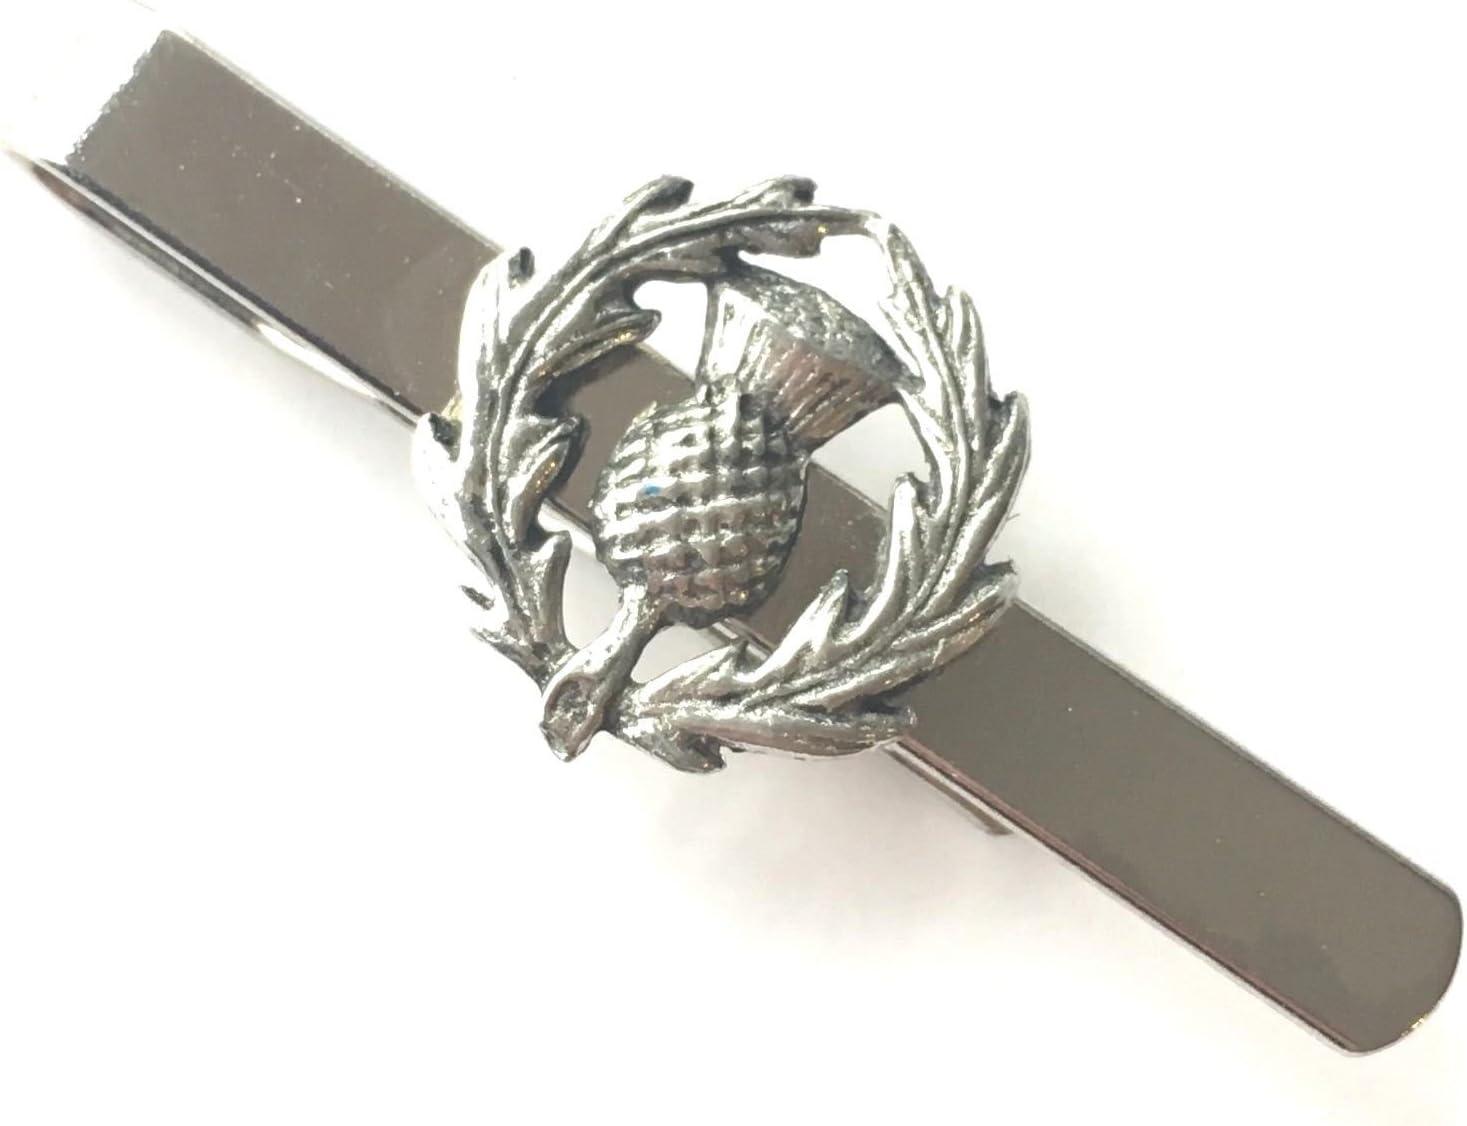 emblems-gifts Cardo Escocés ALFILER DE CORBATA DESDE Peltre Inglés +Bolsa (N430): Amazon.es: Hogar